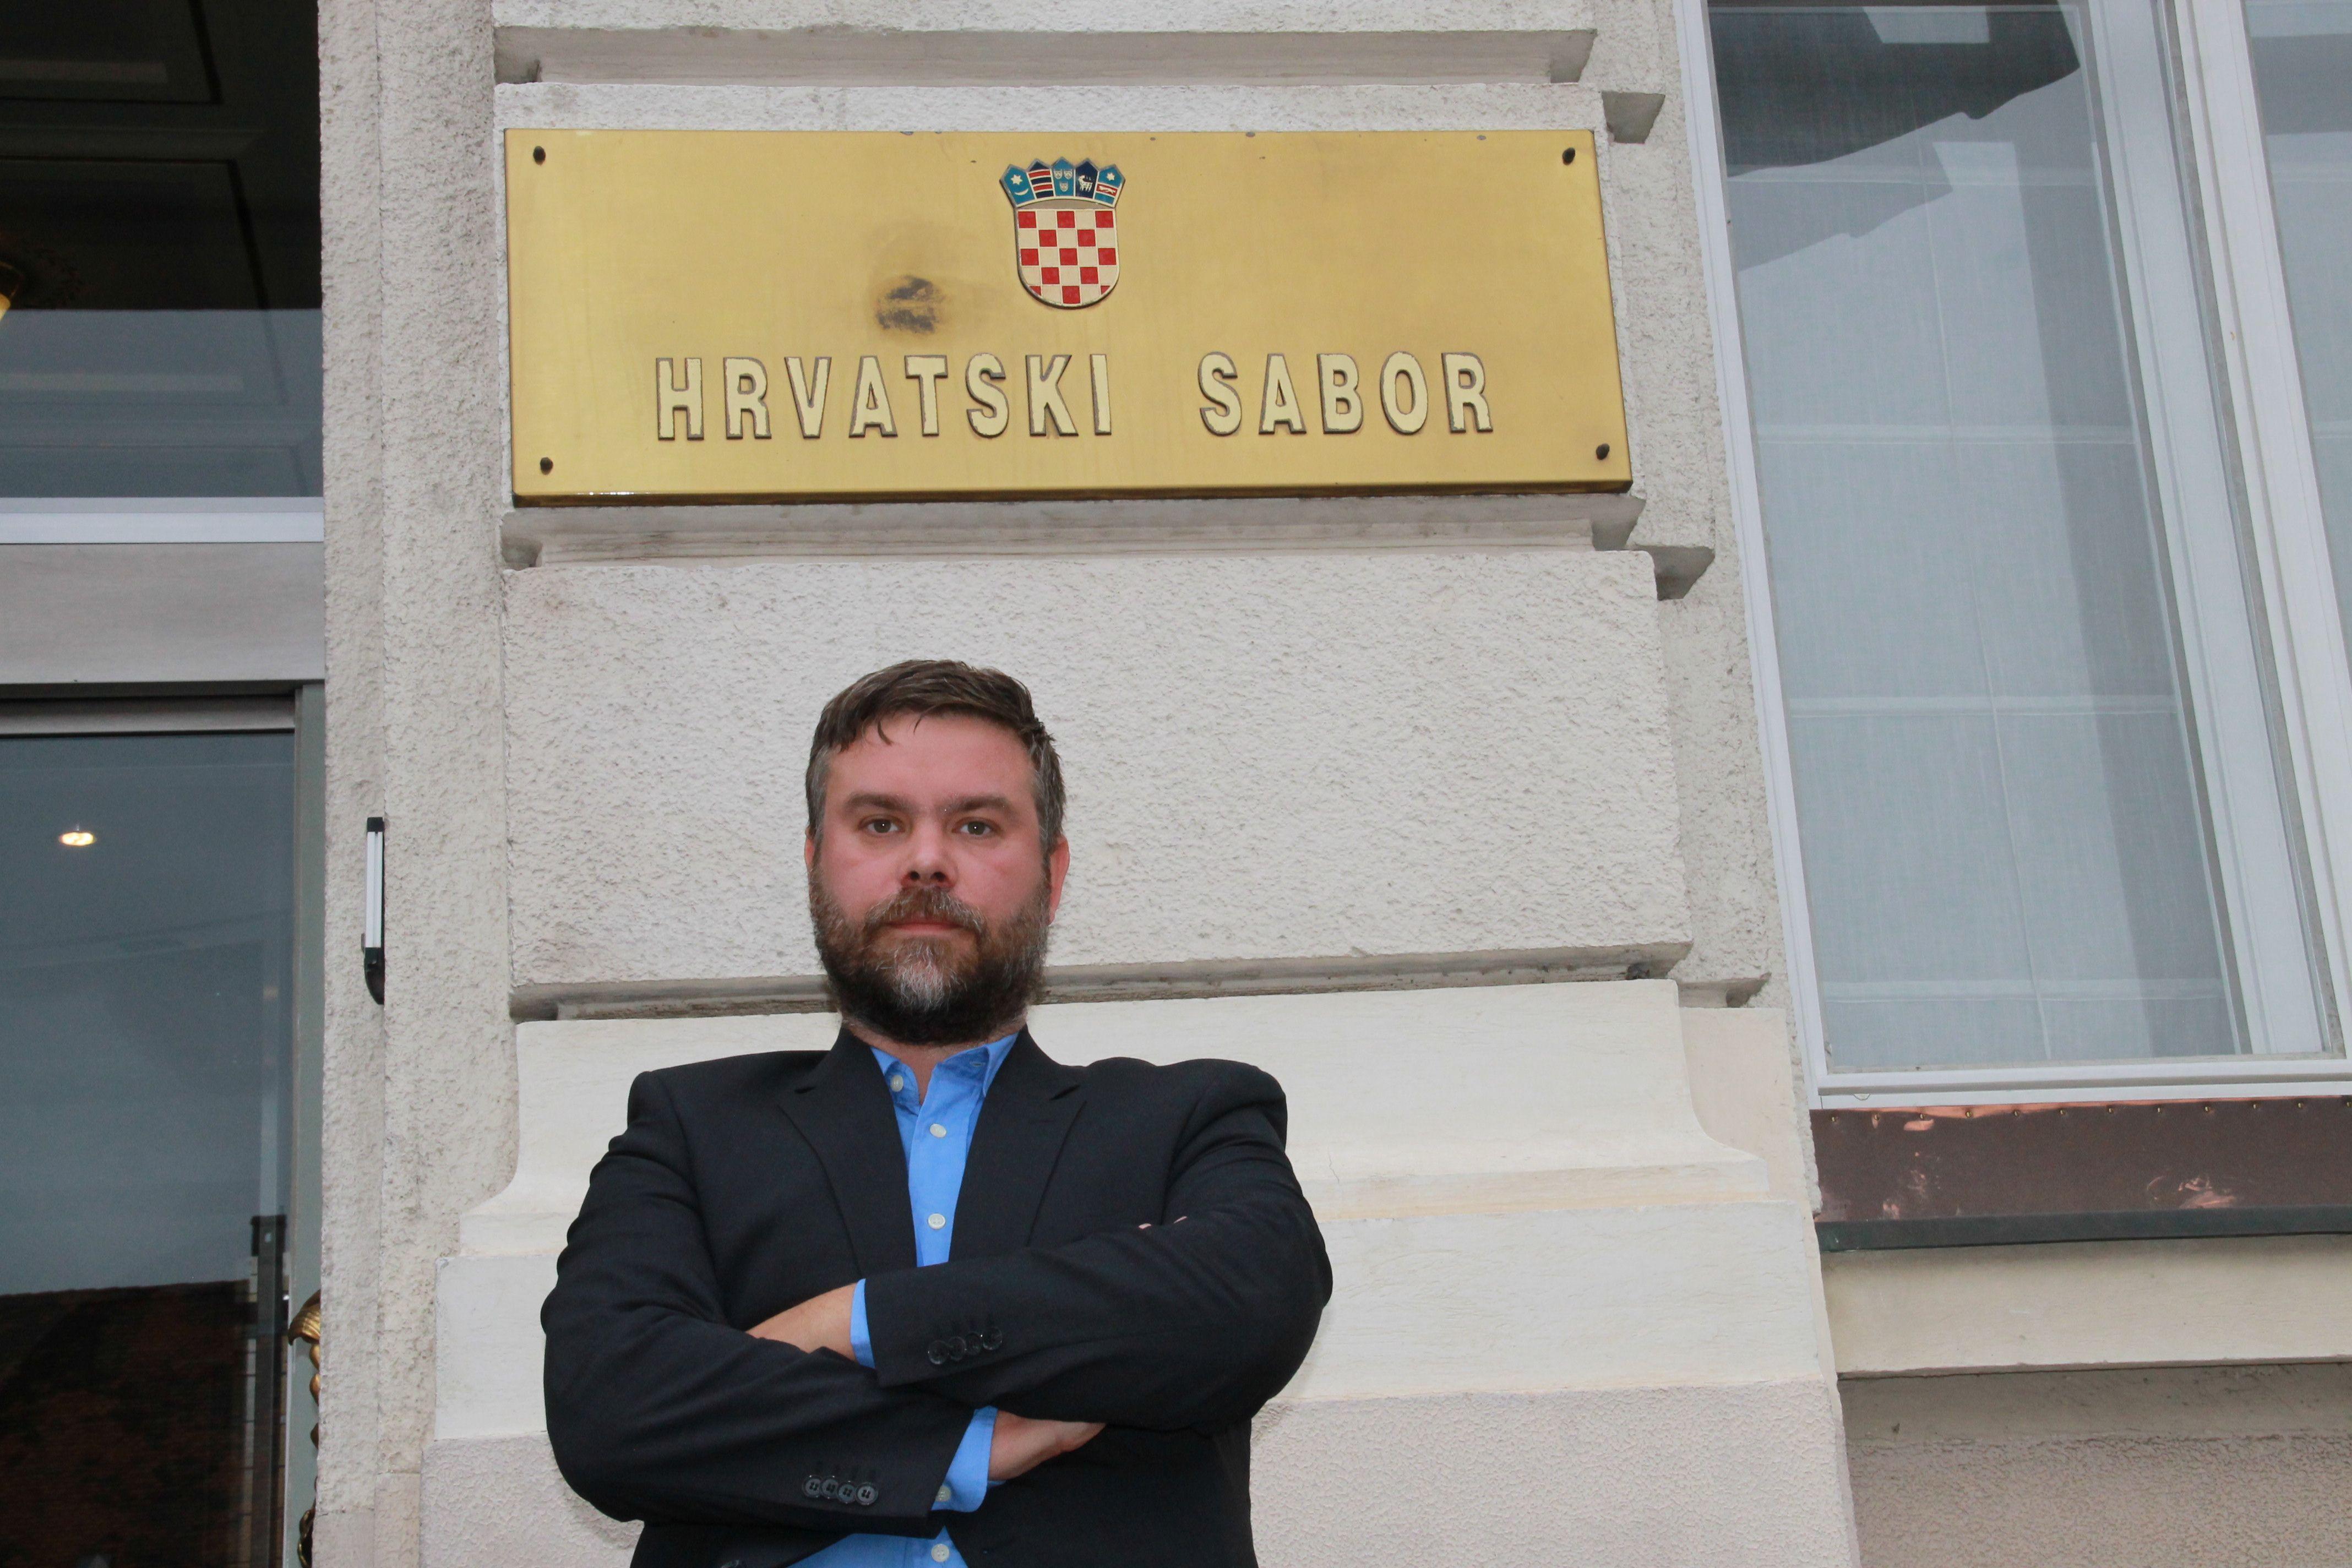 """Vucelić proziva novog ministra rada Aladrovića za korupciju: """"zoluporaba položaja, nezakonito pogodovanje, trgovanje utjecajem i zločinačko udruženje"""""""